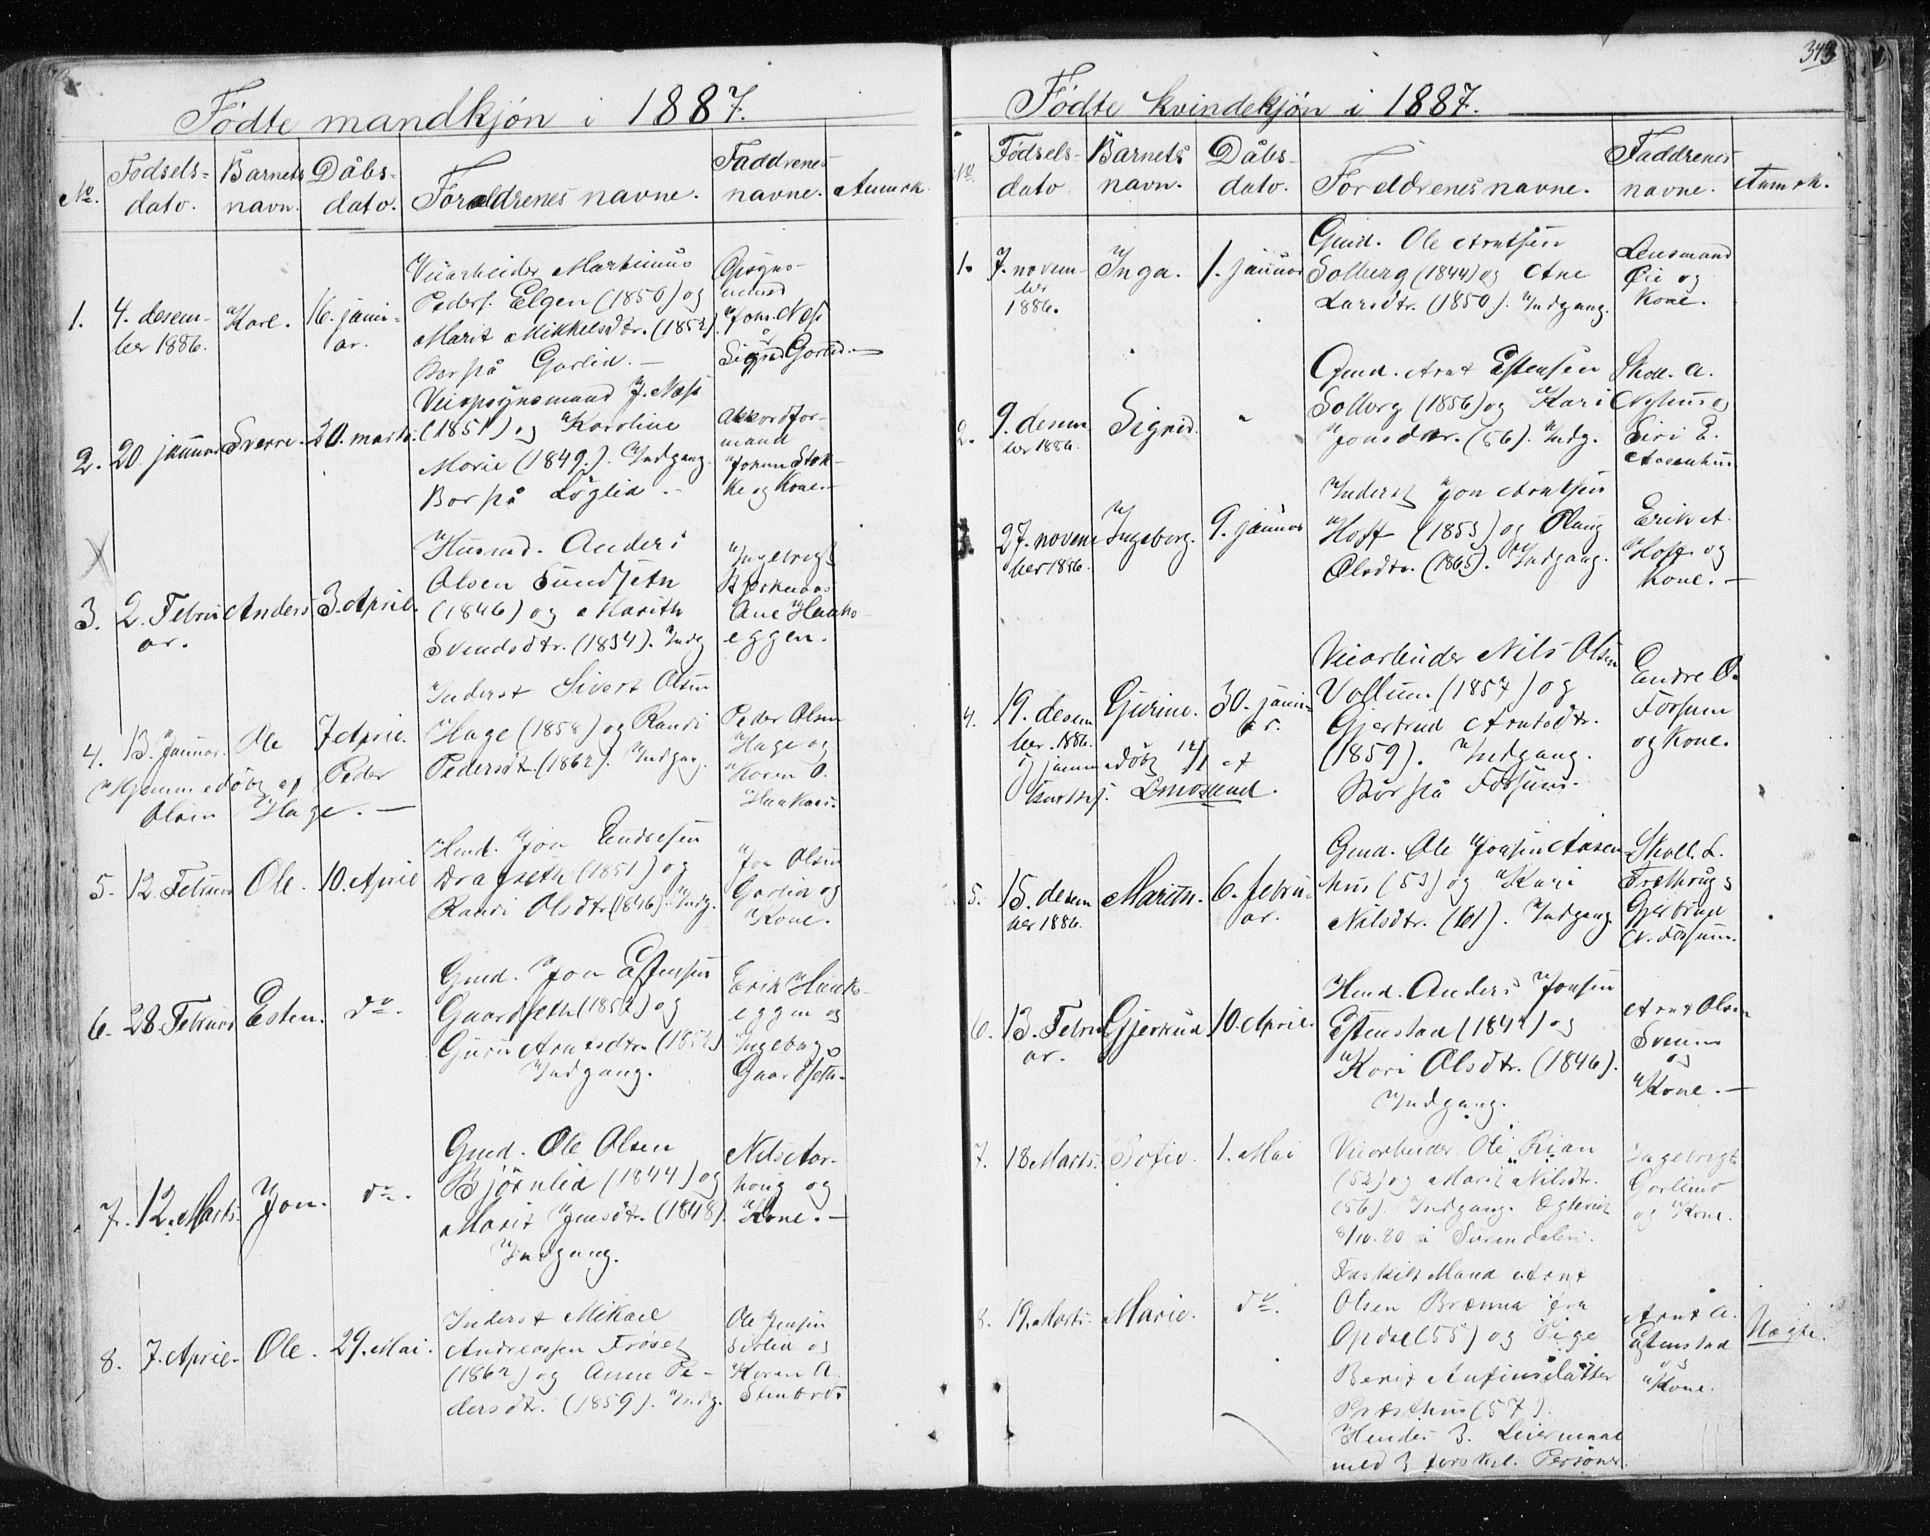 SAT, Ministerialprotokoller, klokkerbøker og fødselsregistre - Sør-Trøndelag, 689/L1043: Klokkerbok nr. 689C02, 1816-1892, s. 343